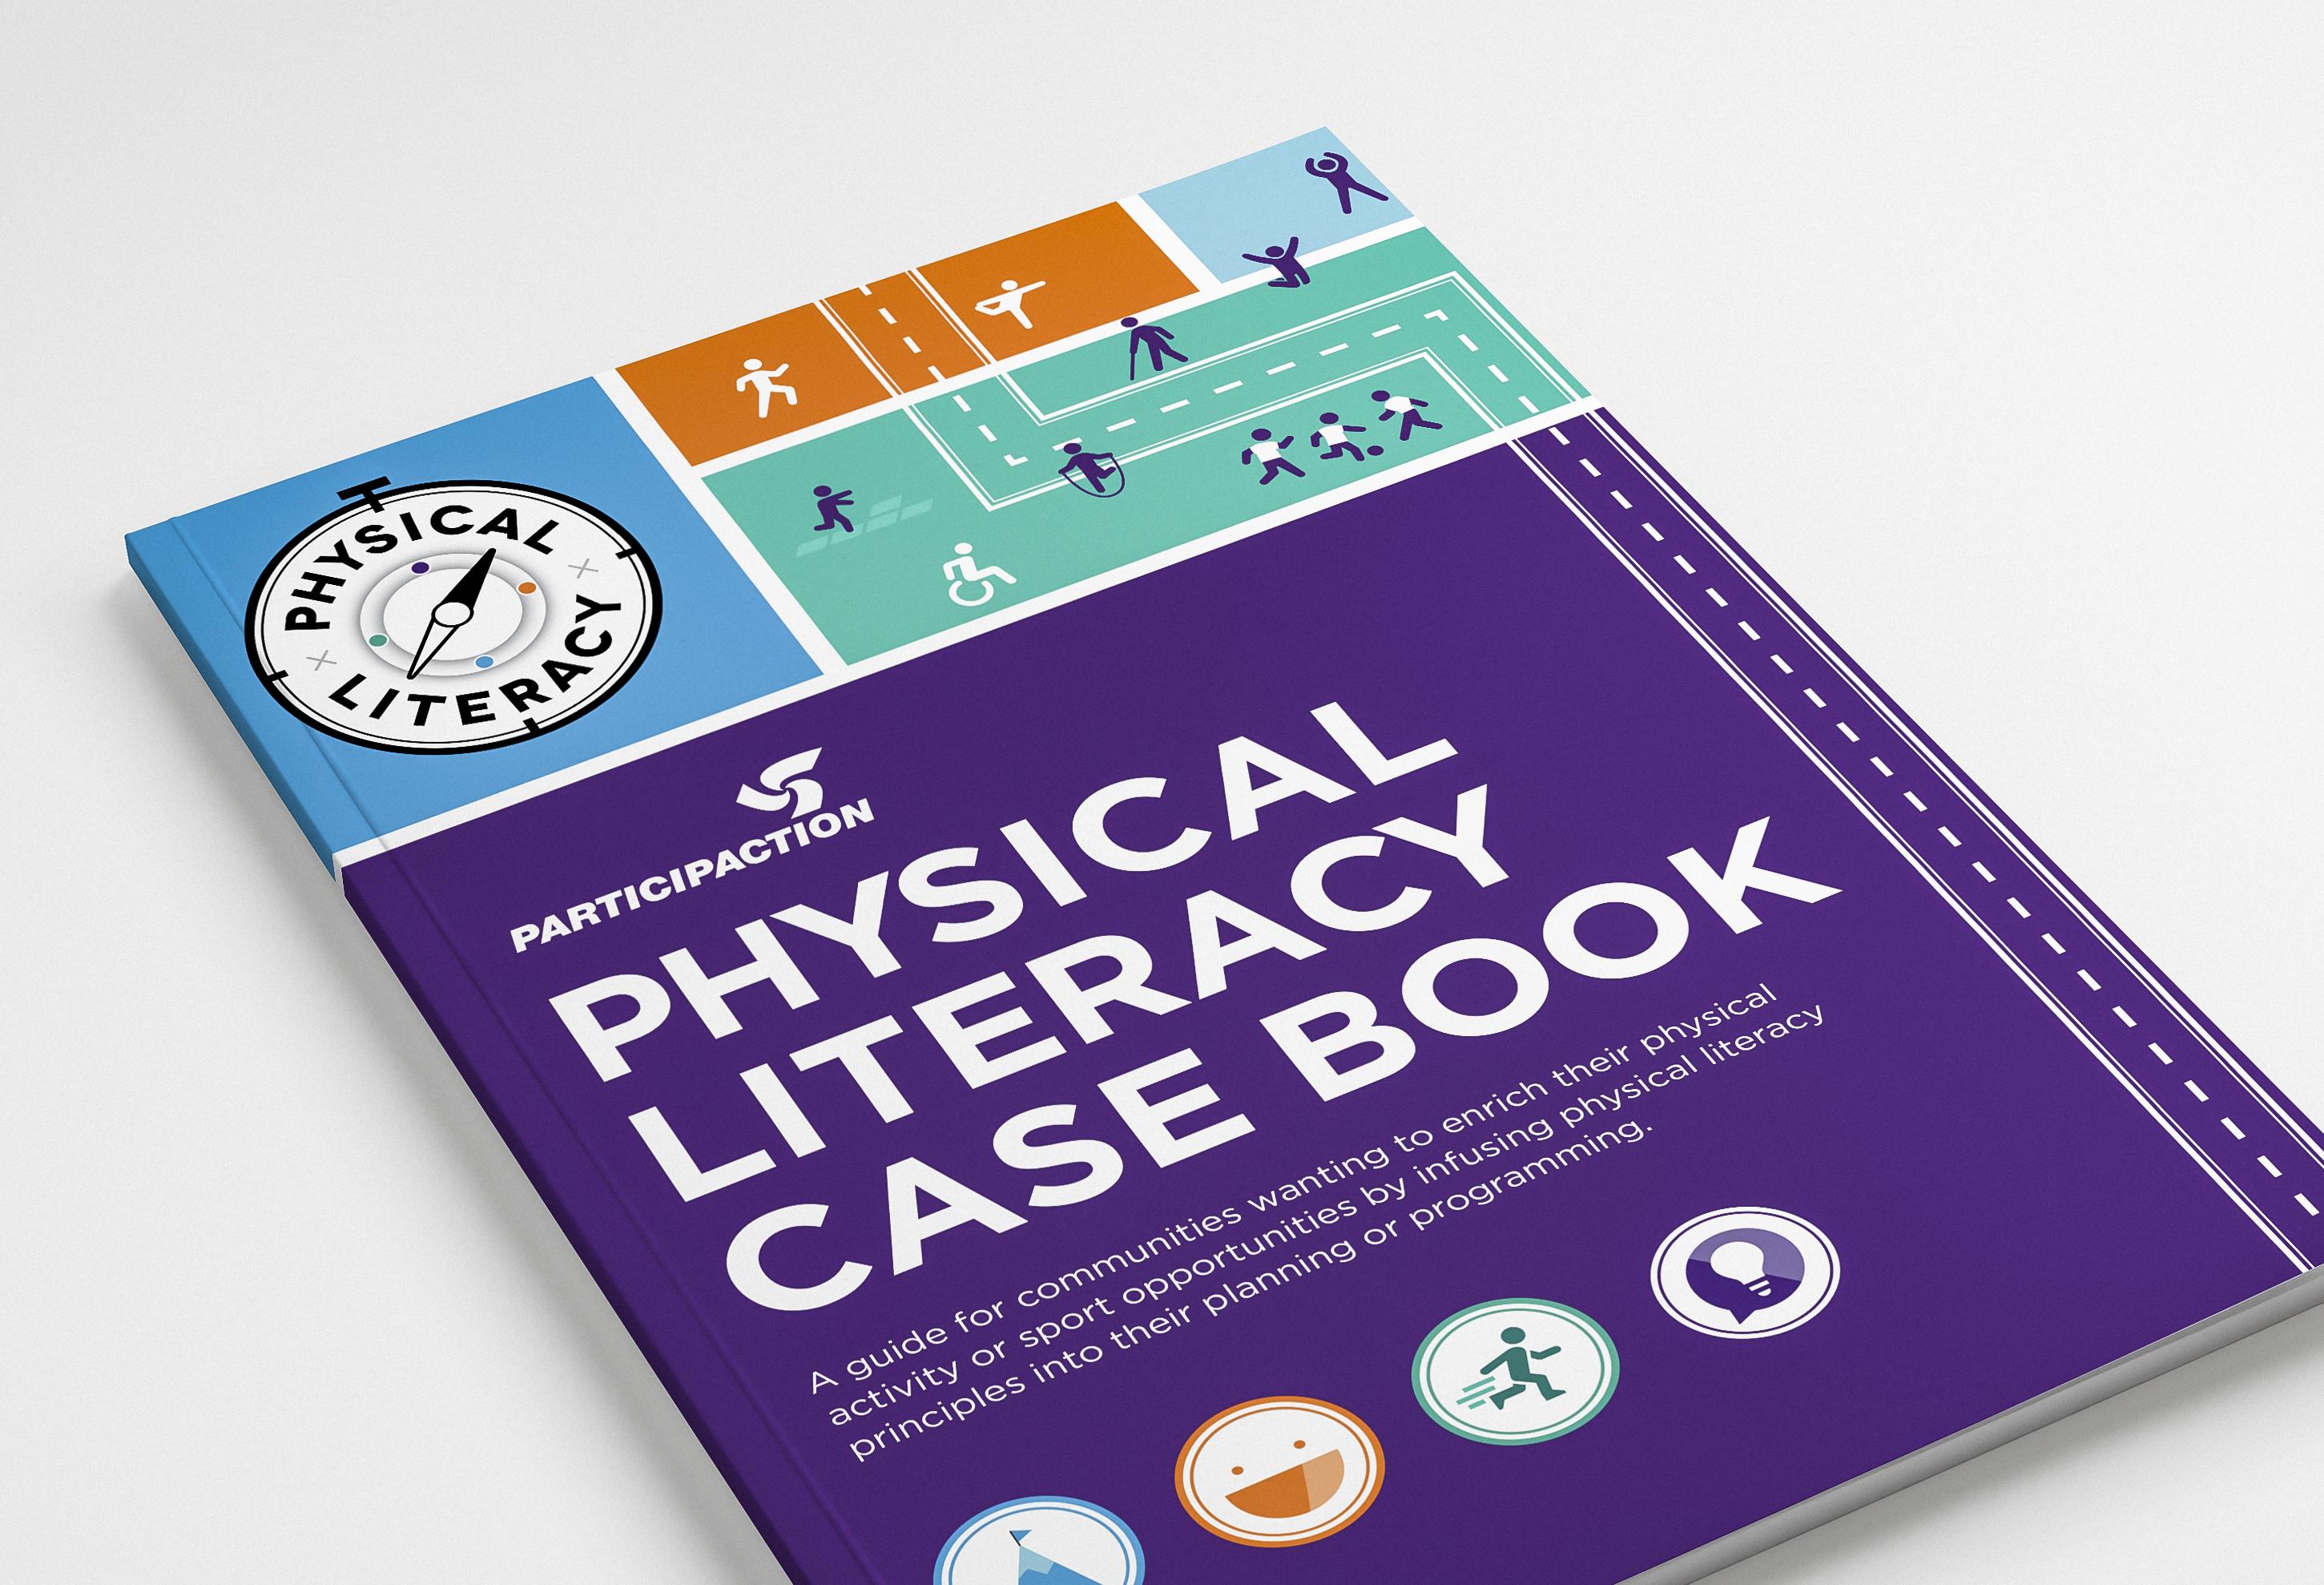 ParticipACTION - Physical Literacy Case Book - Cover Design